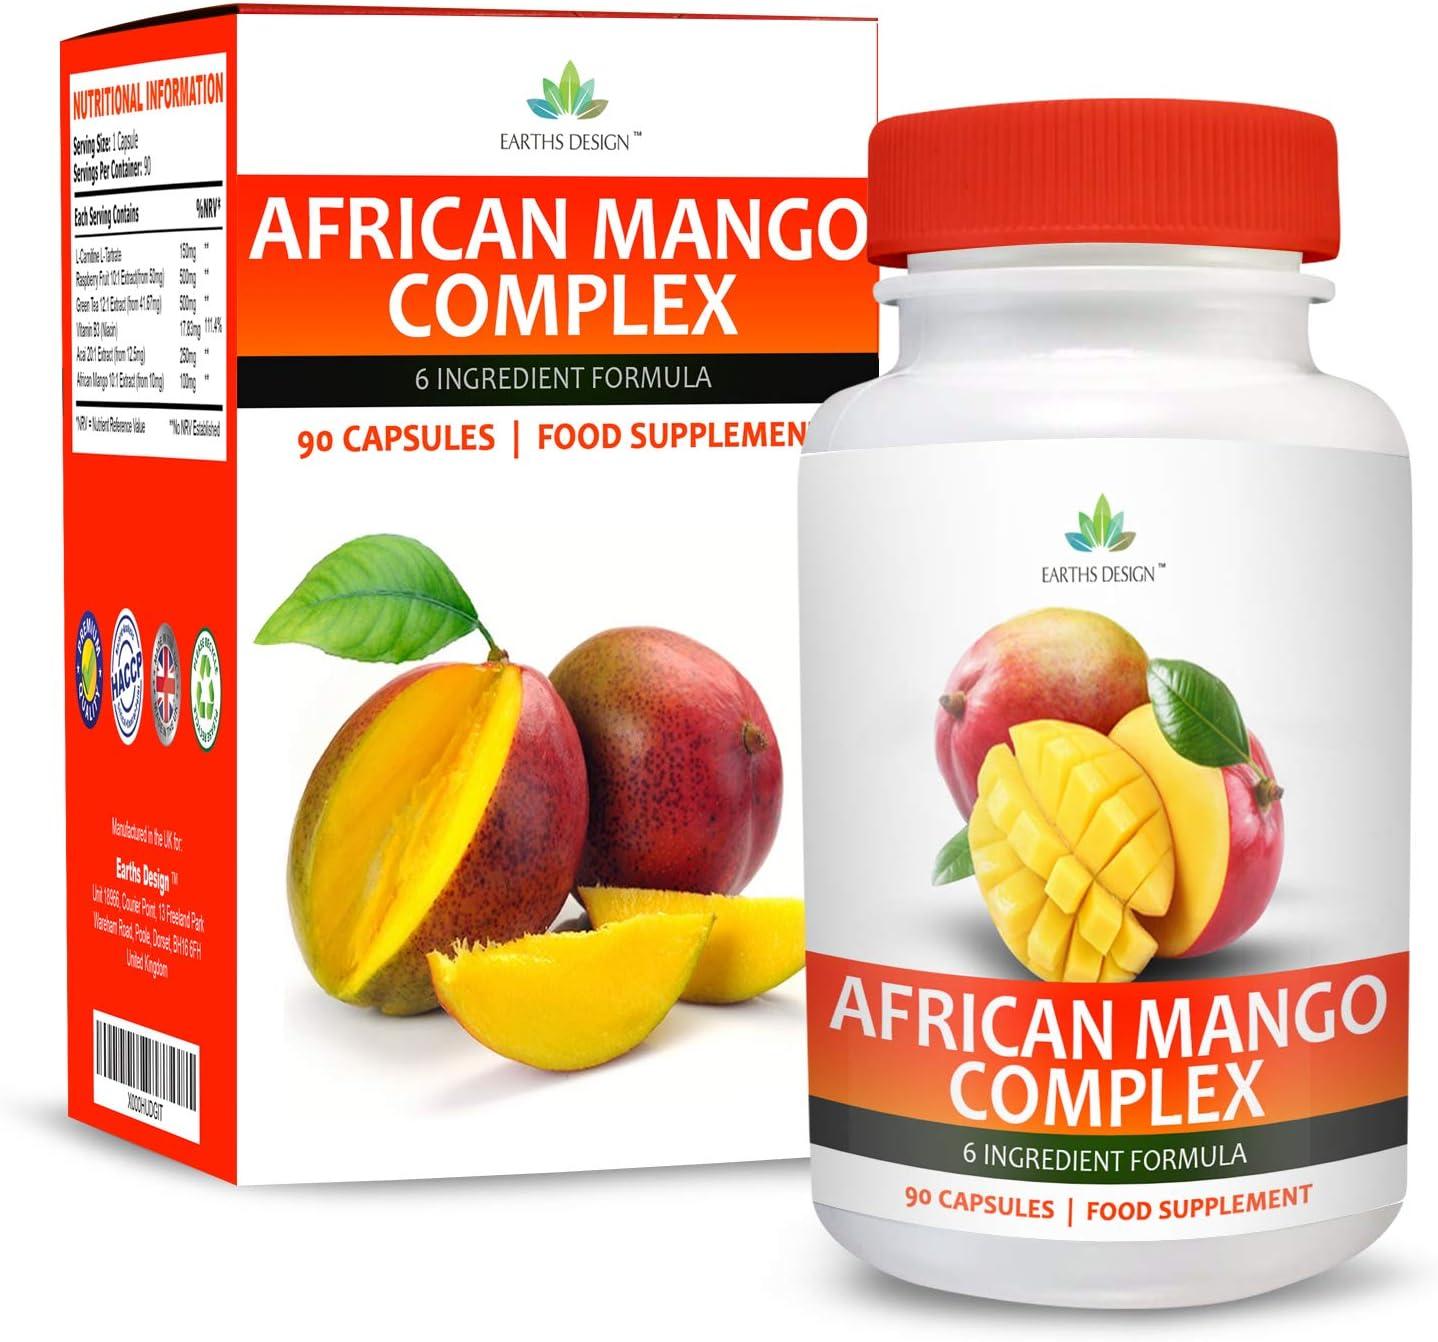 Complejo Mango Africano - Con Cetonas de Frambuesa, Capsicum, Café ...